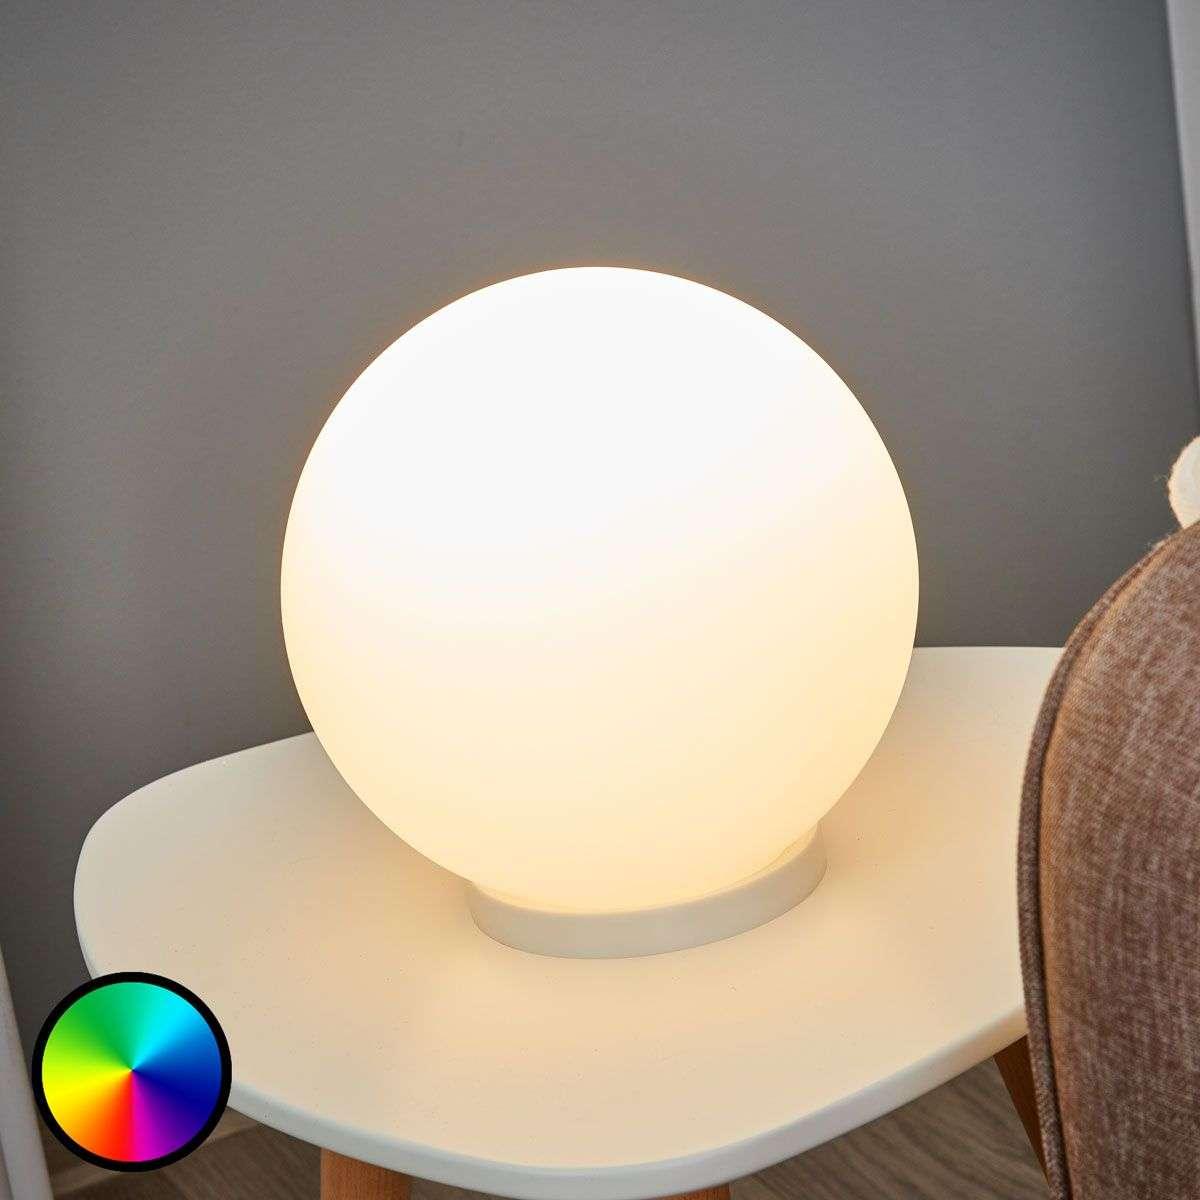 spherical lighting. Spherical Table Lamp Rondo-C LED RGBW-3031995-31 Lighting S